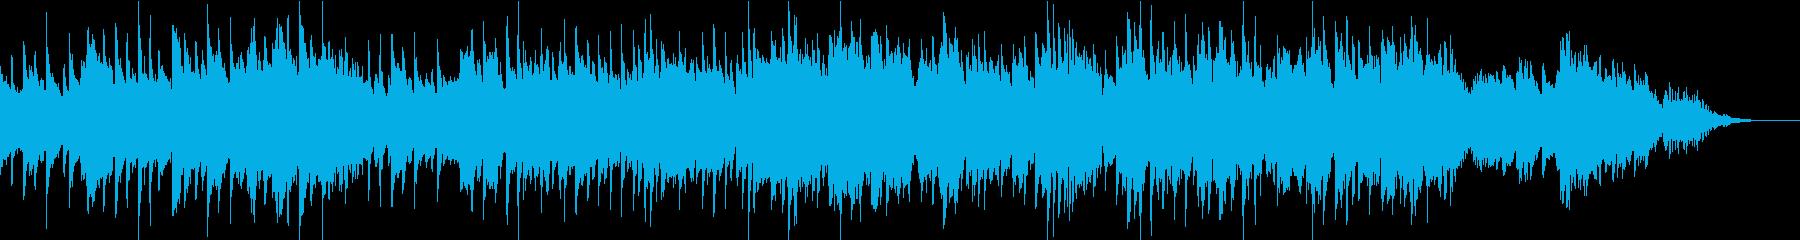 温もりと癒しストリングス/おやすみBGMの再生済みの波形